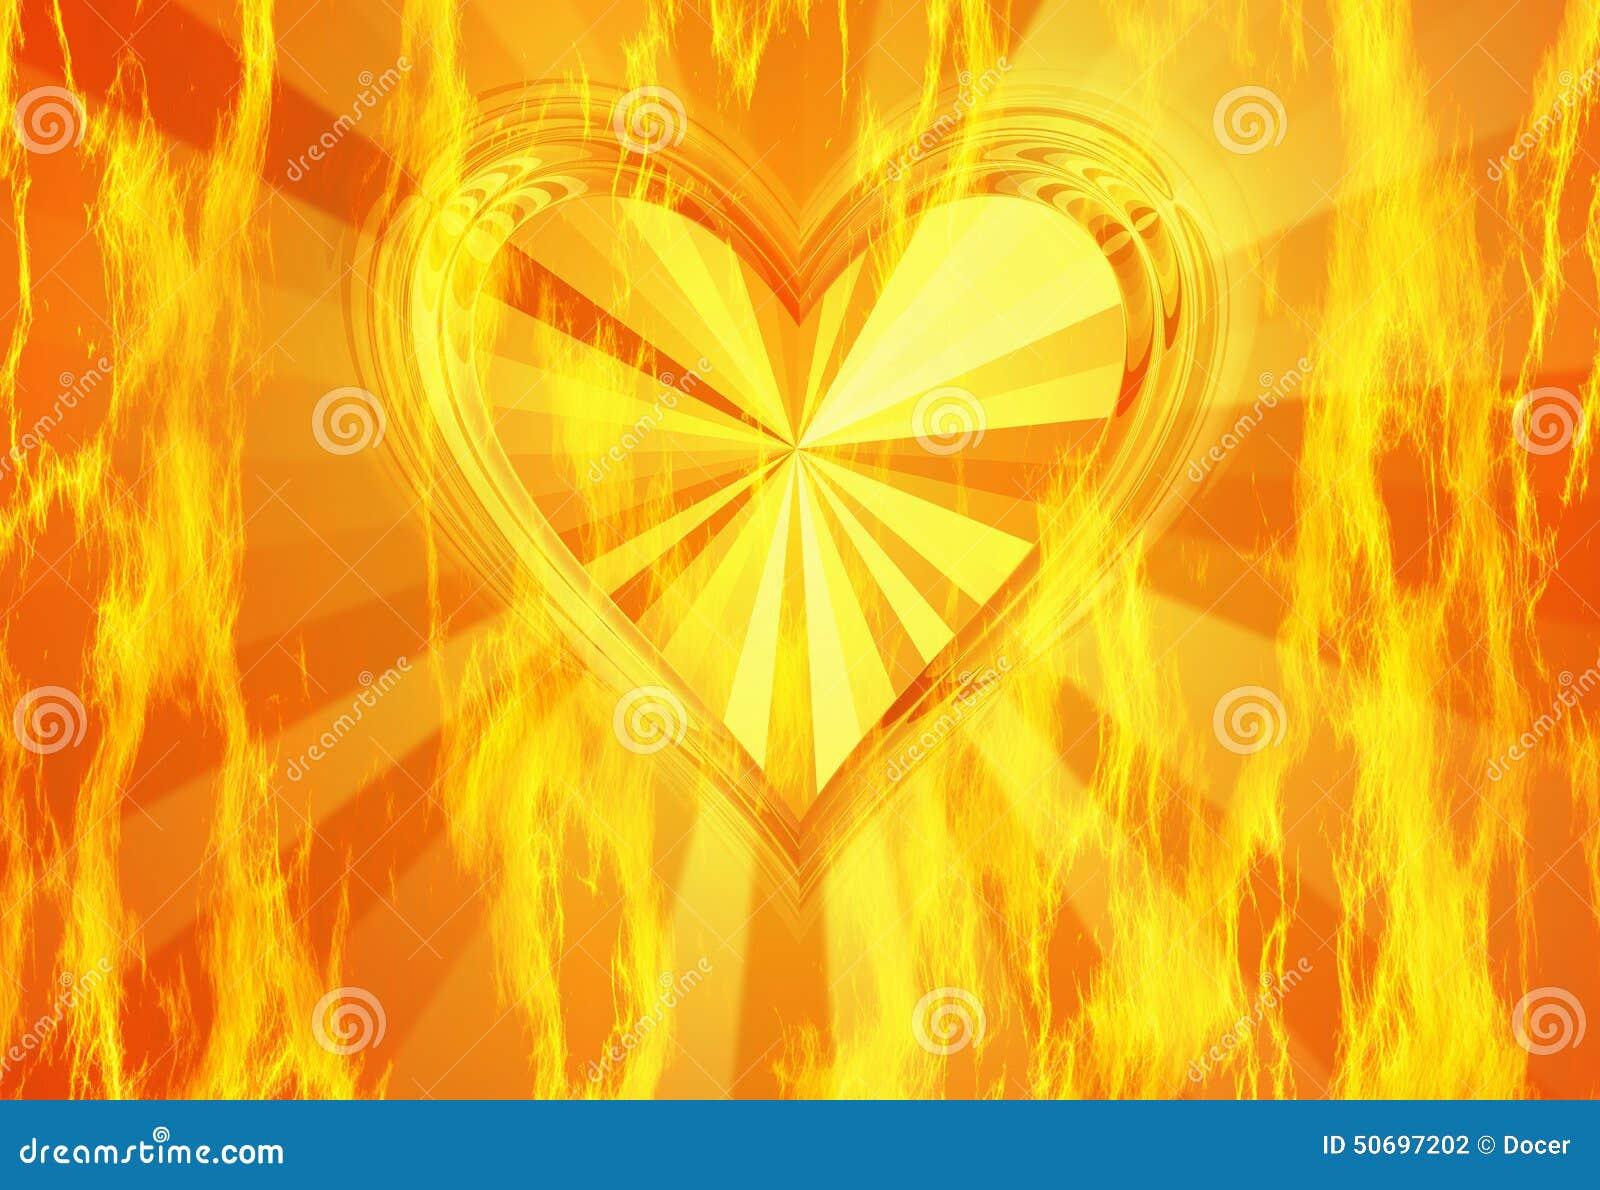 Texture Rouge Du Feu De Flamme Avec Le Fond Chaud De Coeur Illustration Stock - Illustration du ...